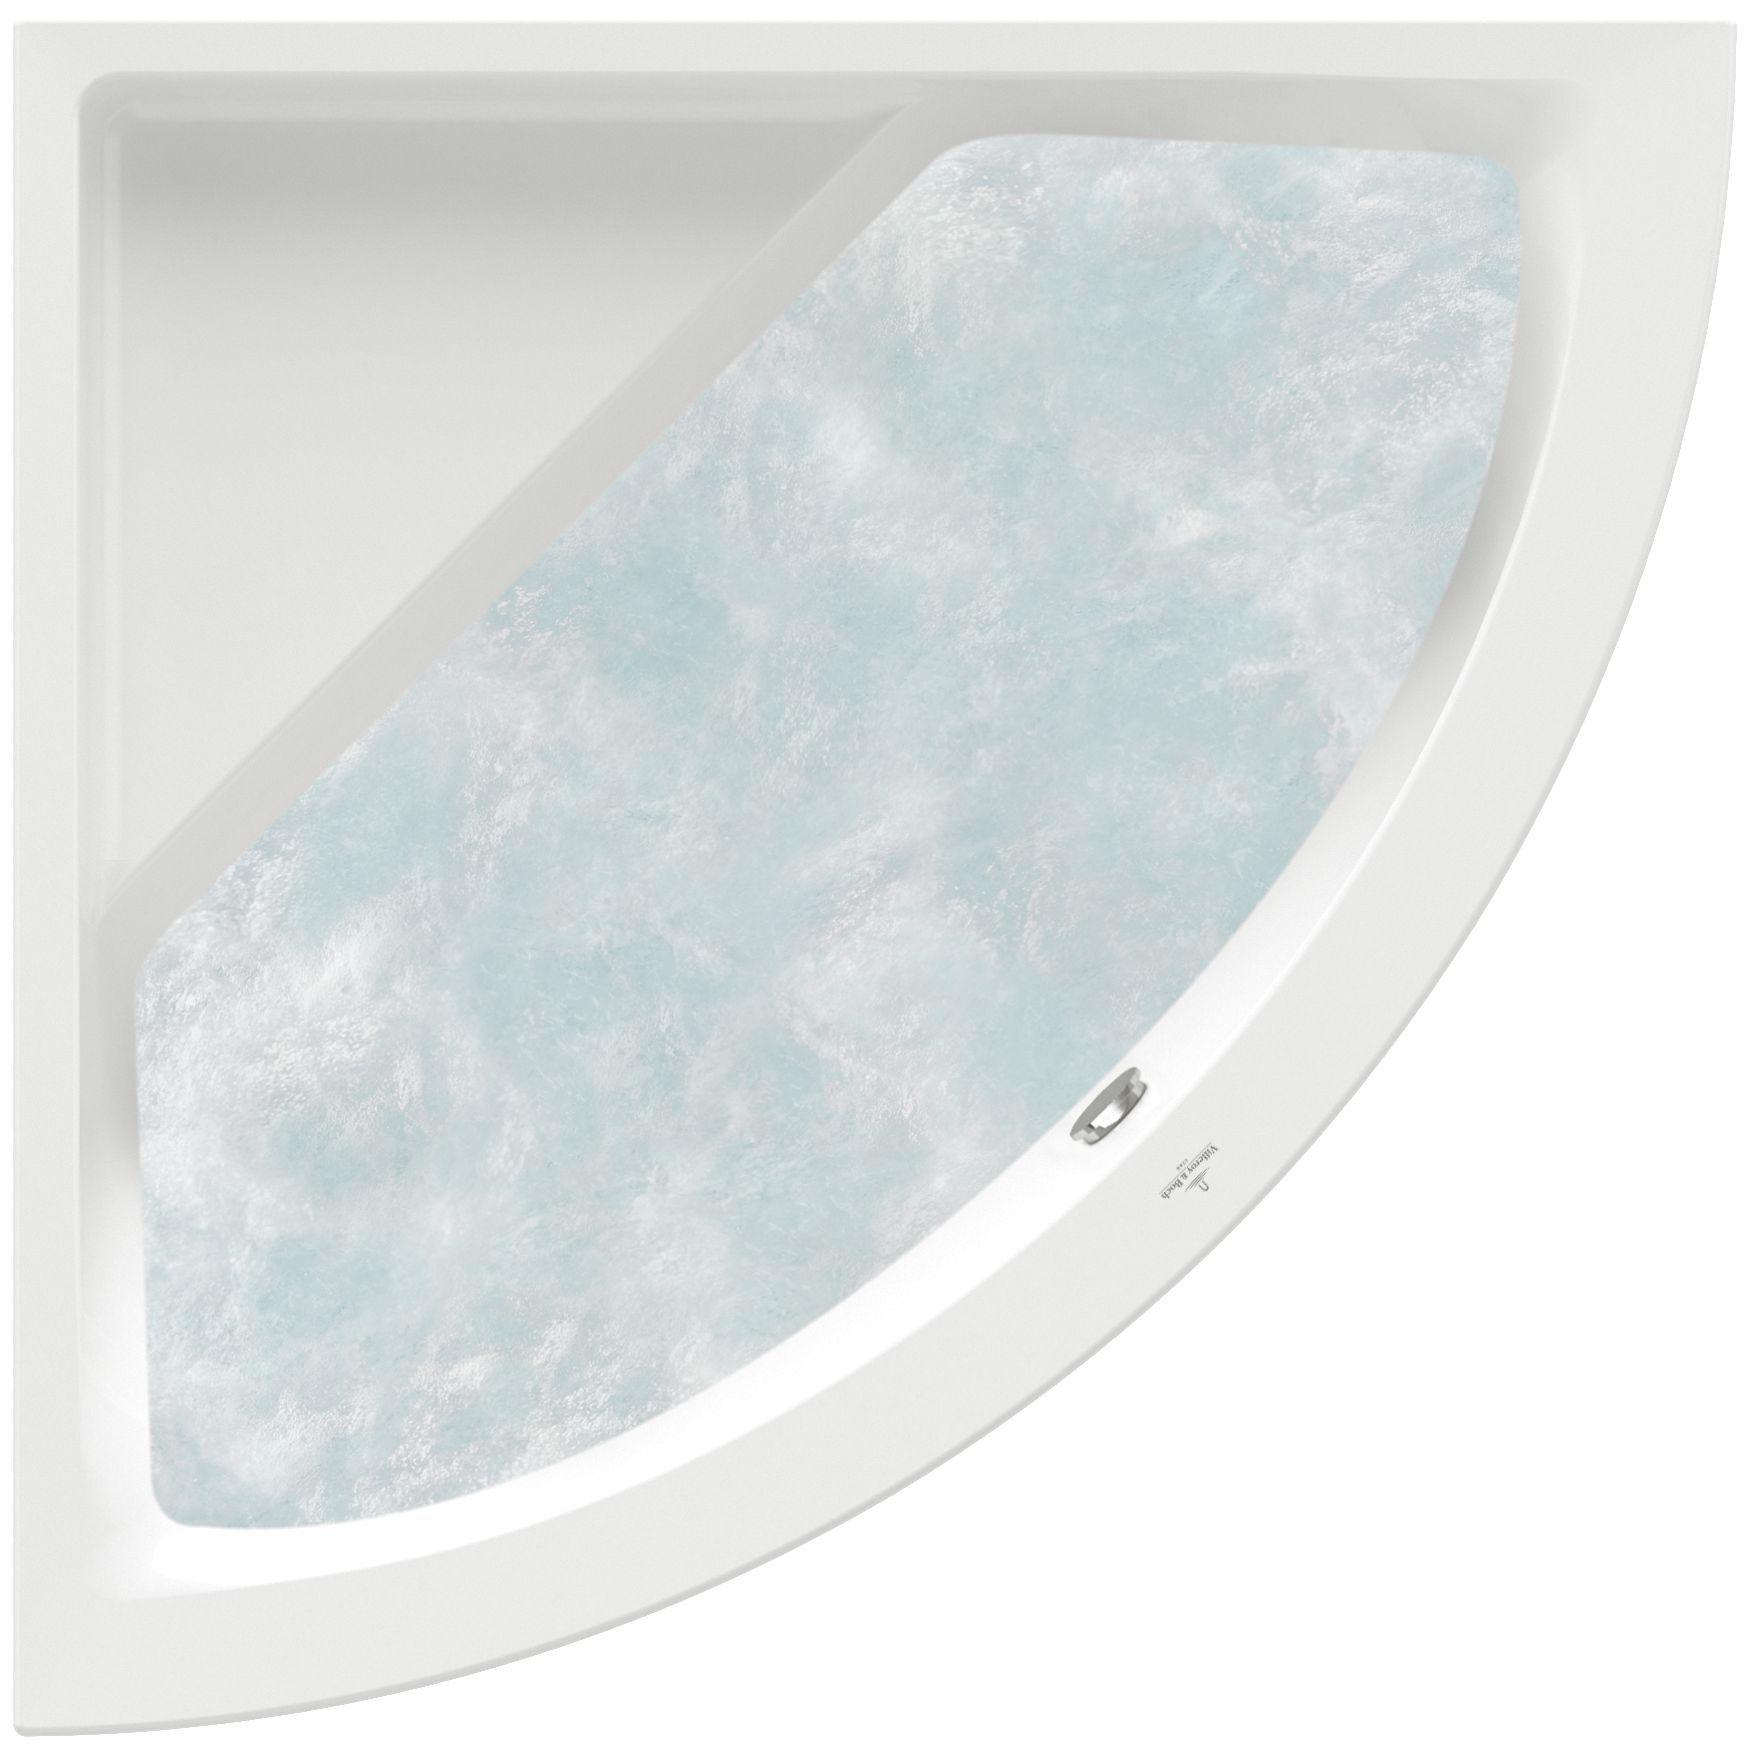 Villeroy & Boch Subway Eck-Badewanne Technik Position 1 L:130xB:130xcm weiß UHC130SUB3B1V01